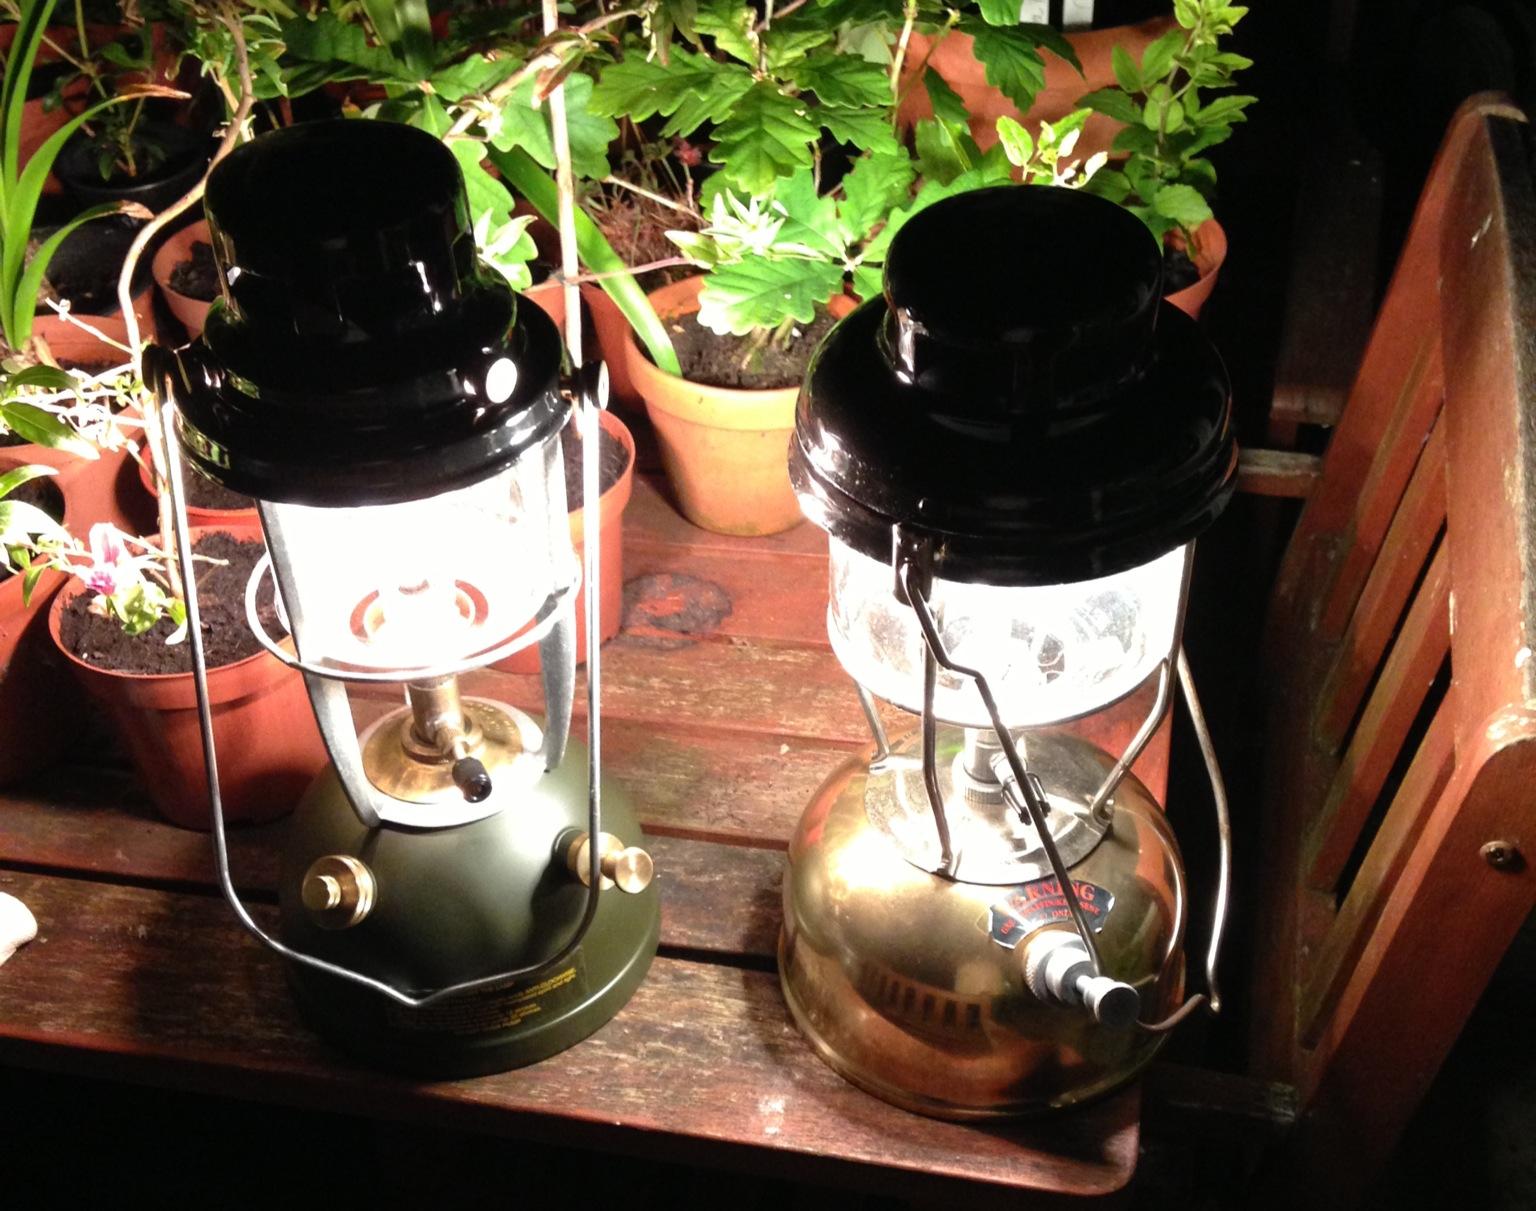 2  x VAPALUX MANTLES V42 FOR VAPALUX OR BIALADDIN LAMPS M320 PRESSURE LAMPS